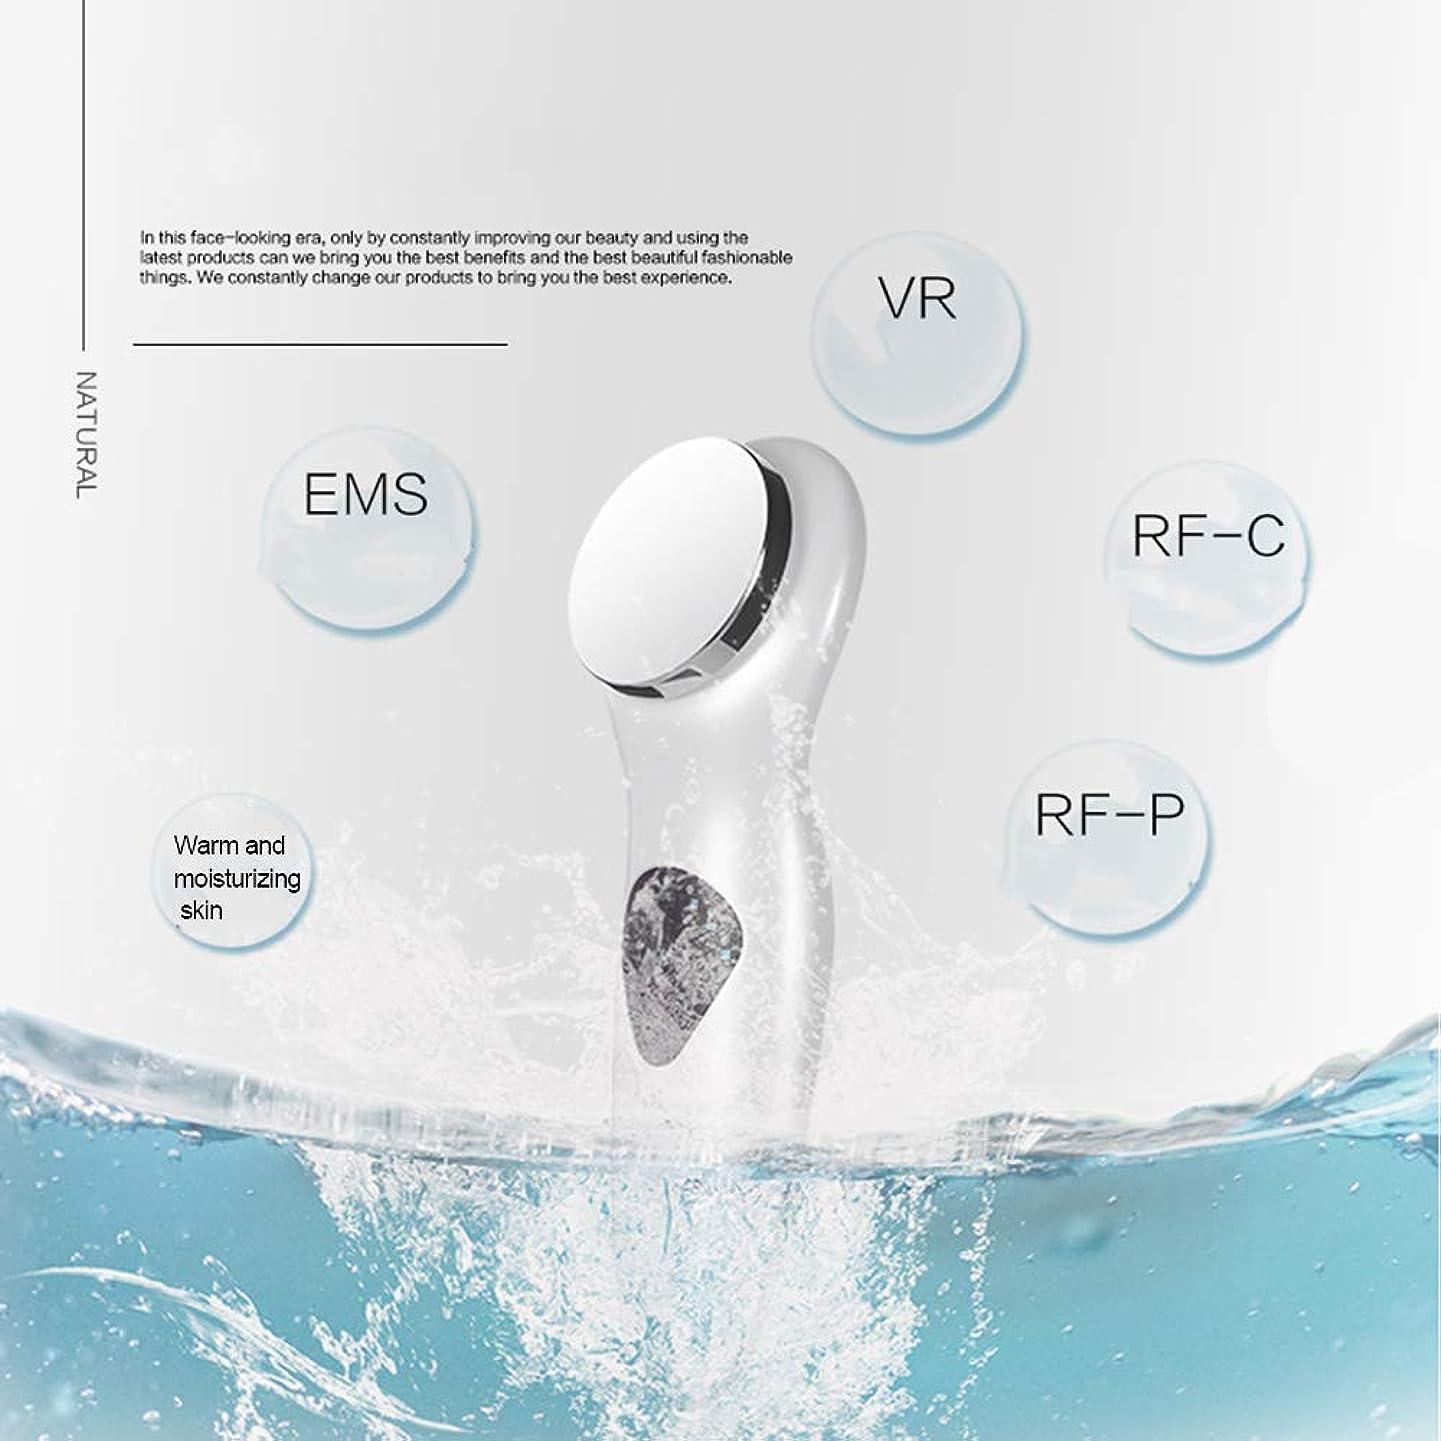 入力ヨーロッパギャングEMSの顔の調子を整える装置、超音波美の器械、携帯用表面美機械、家の美装置の振動器械、顔のマッサージャー